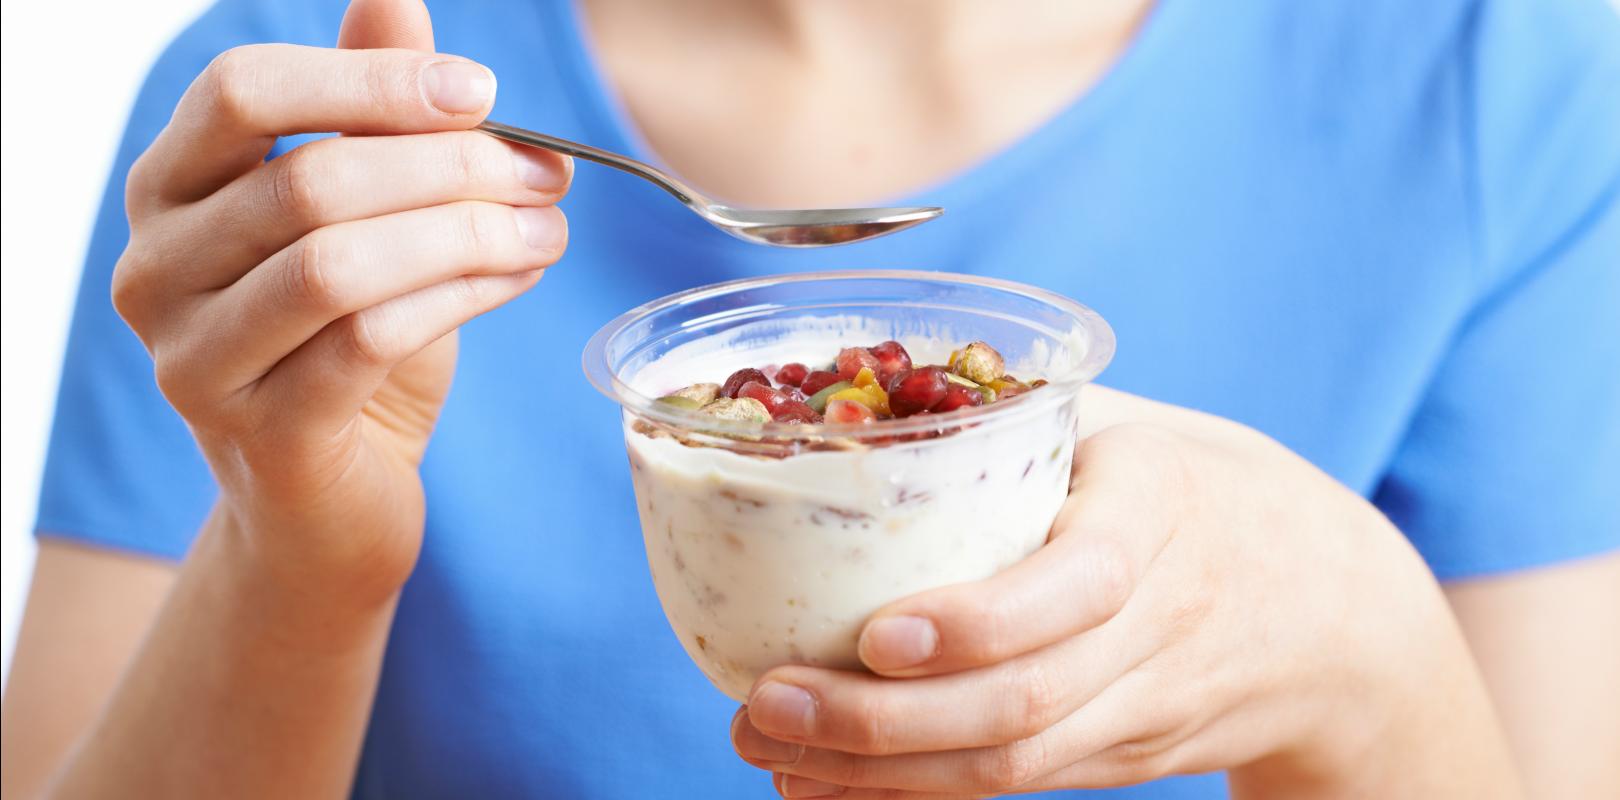 cuales son los yogures con probioticos